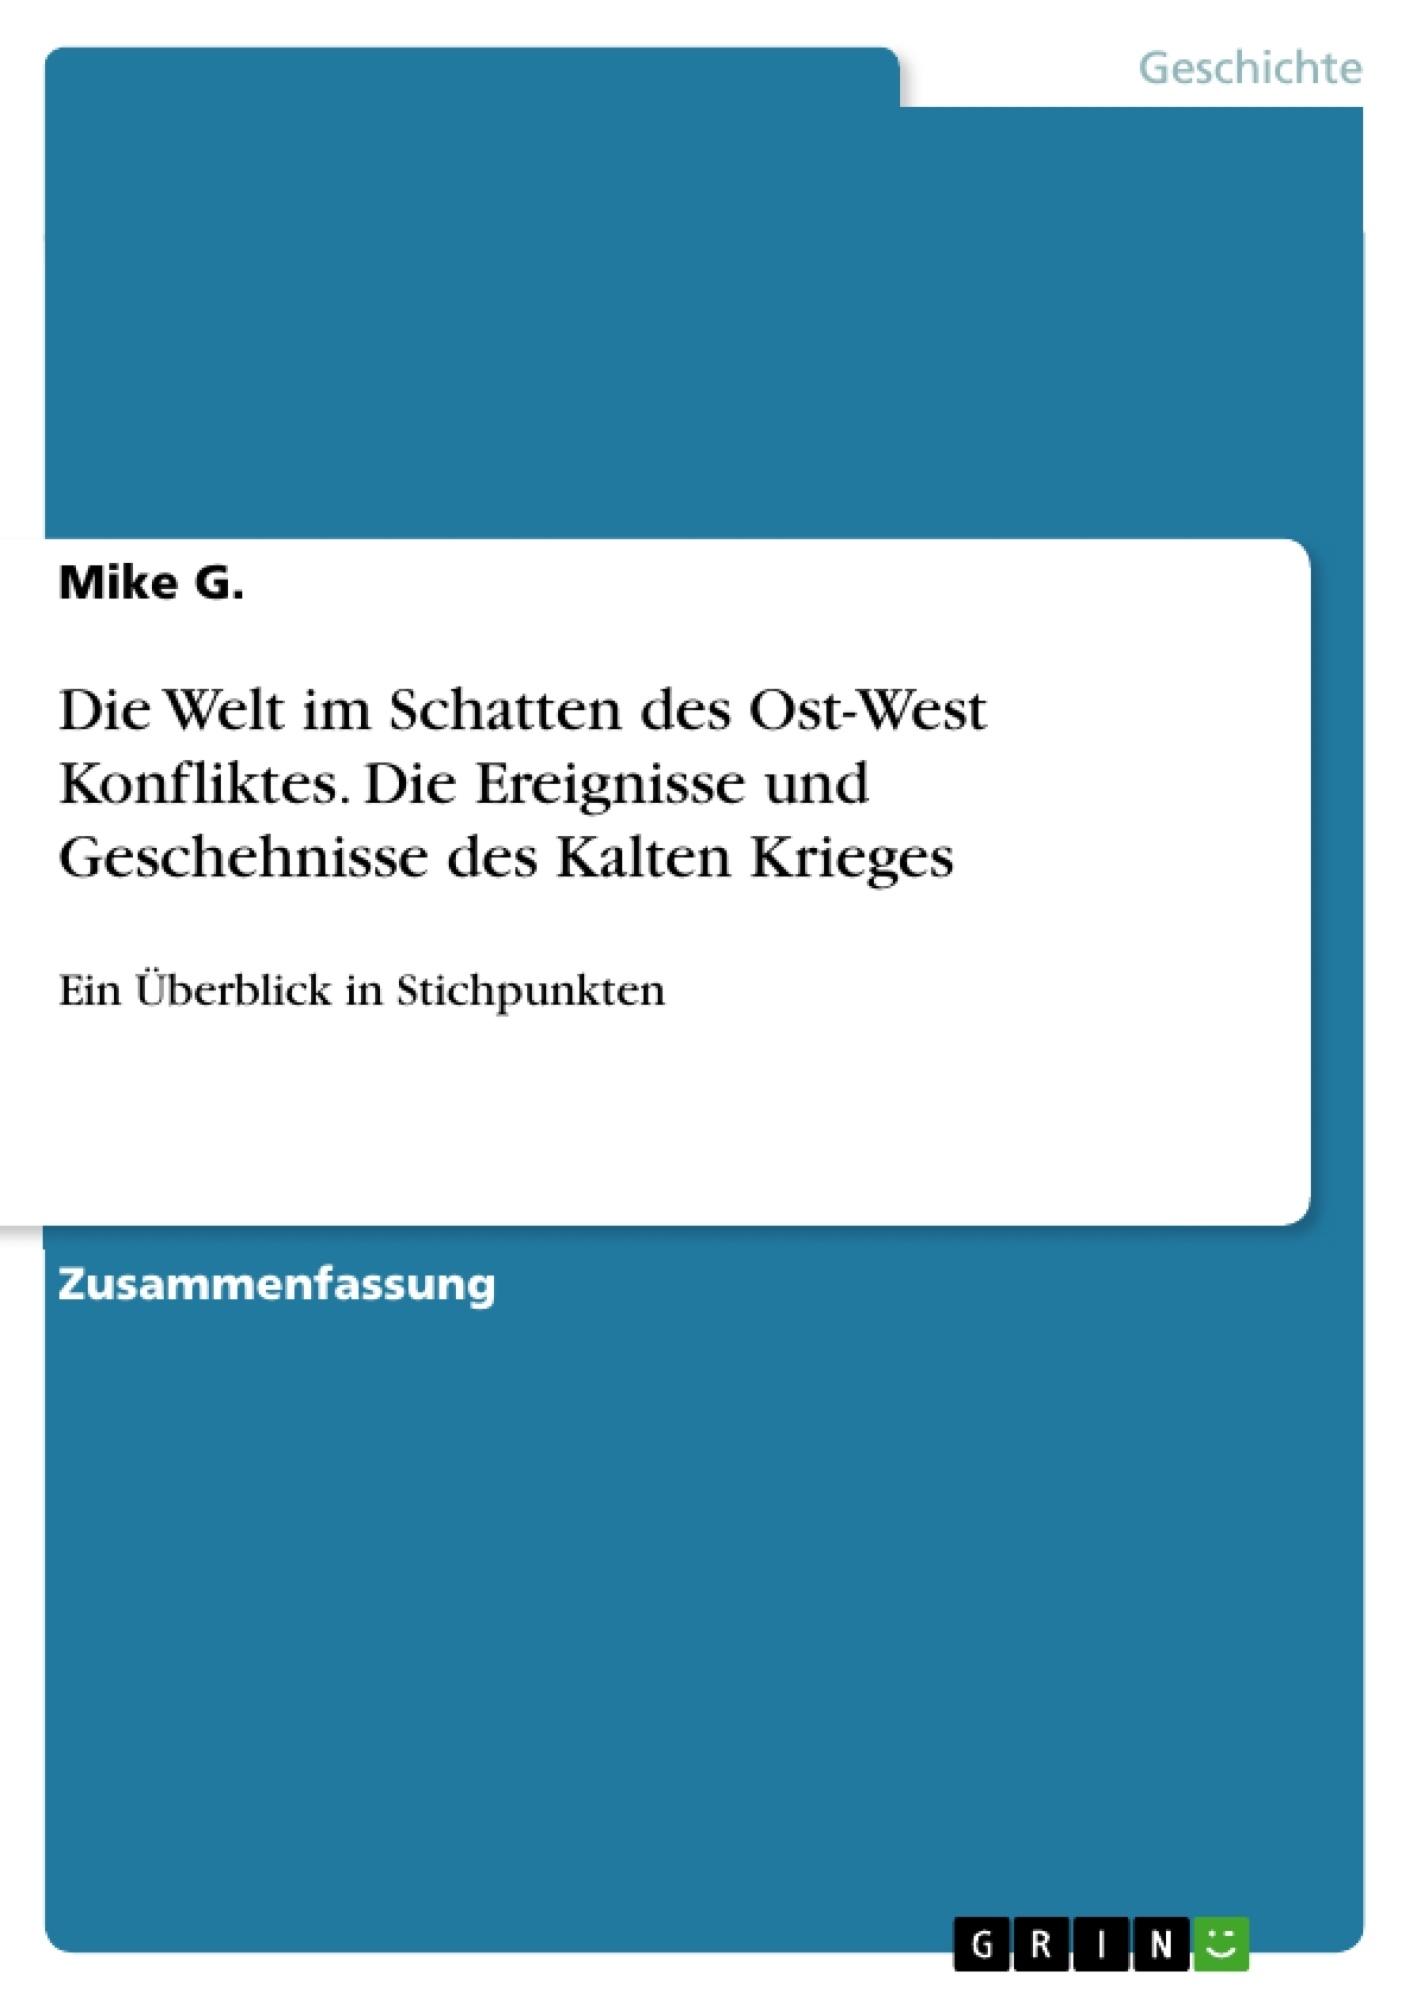 Titel: Die Welt im Schatten des Ost-West Konfliktes. Die Ereignisse und Geschehnisse des Kalten Krieges